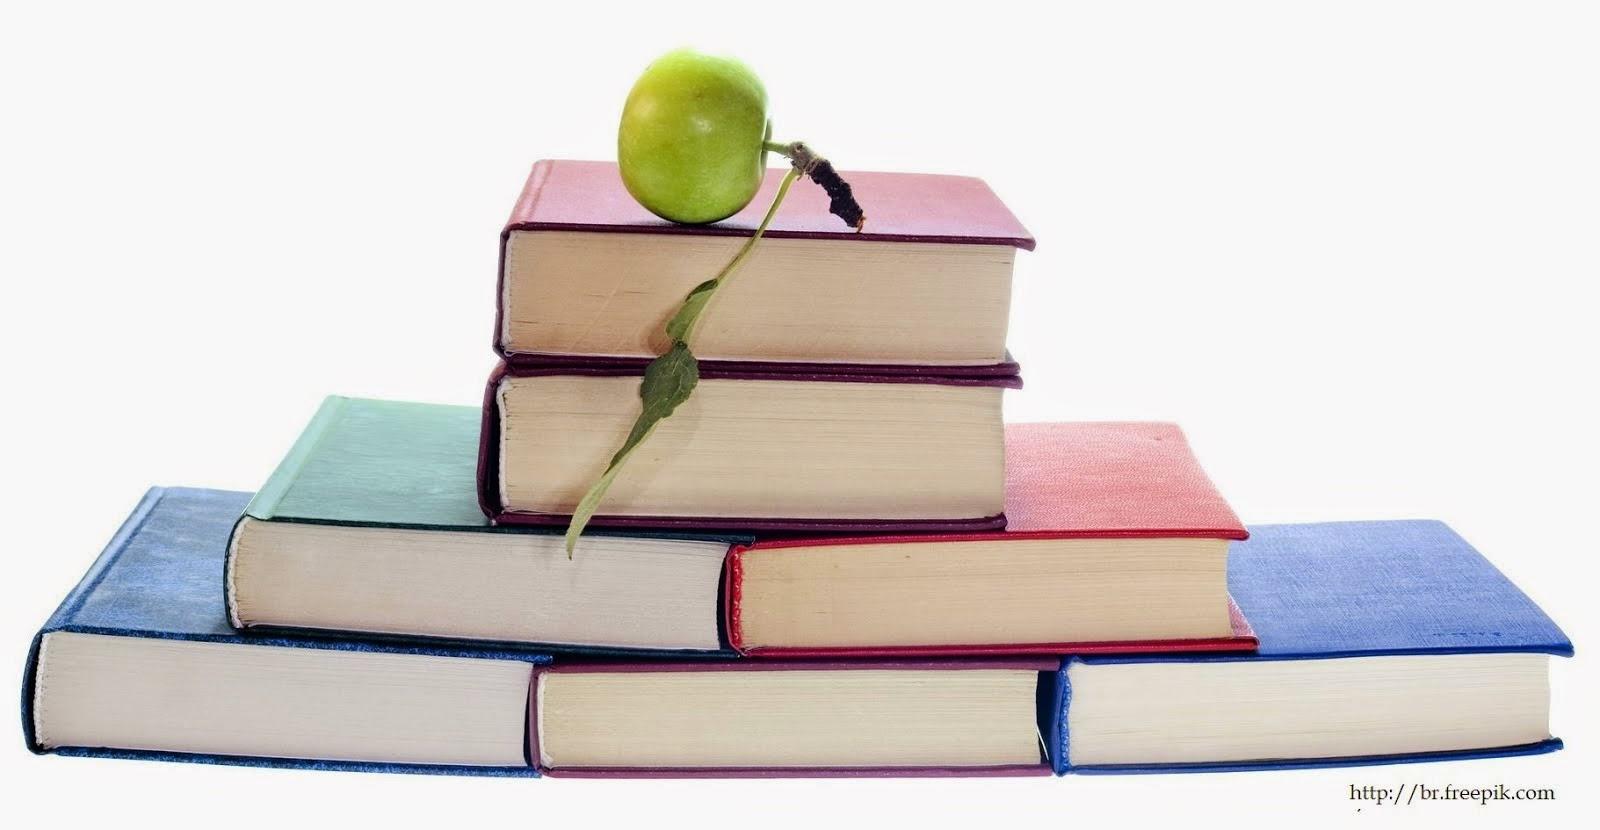 Livros Profissional, Técnico, CDs, DVDs e outros Produtos